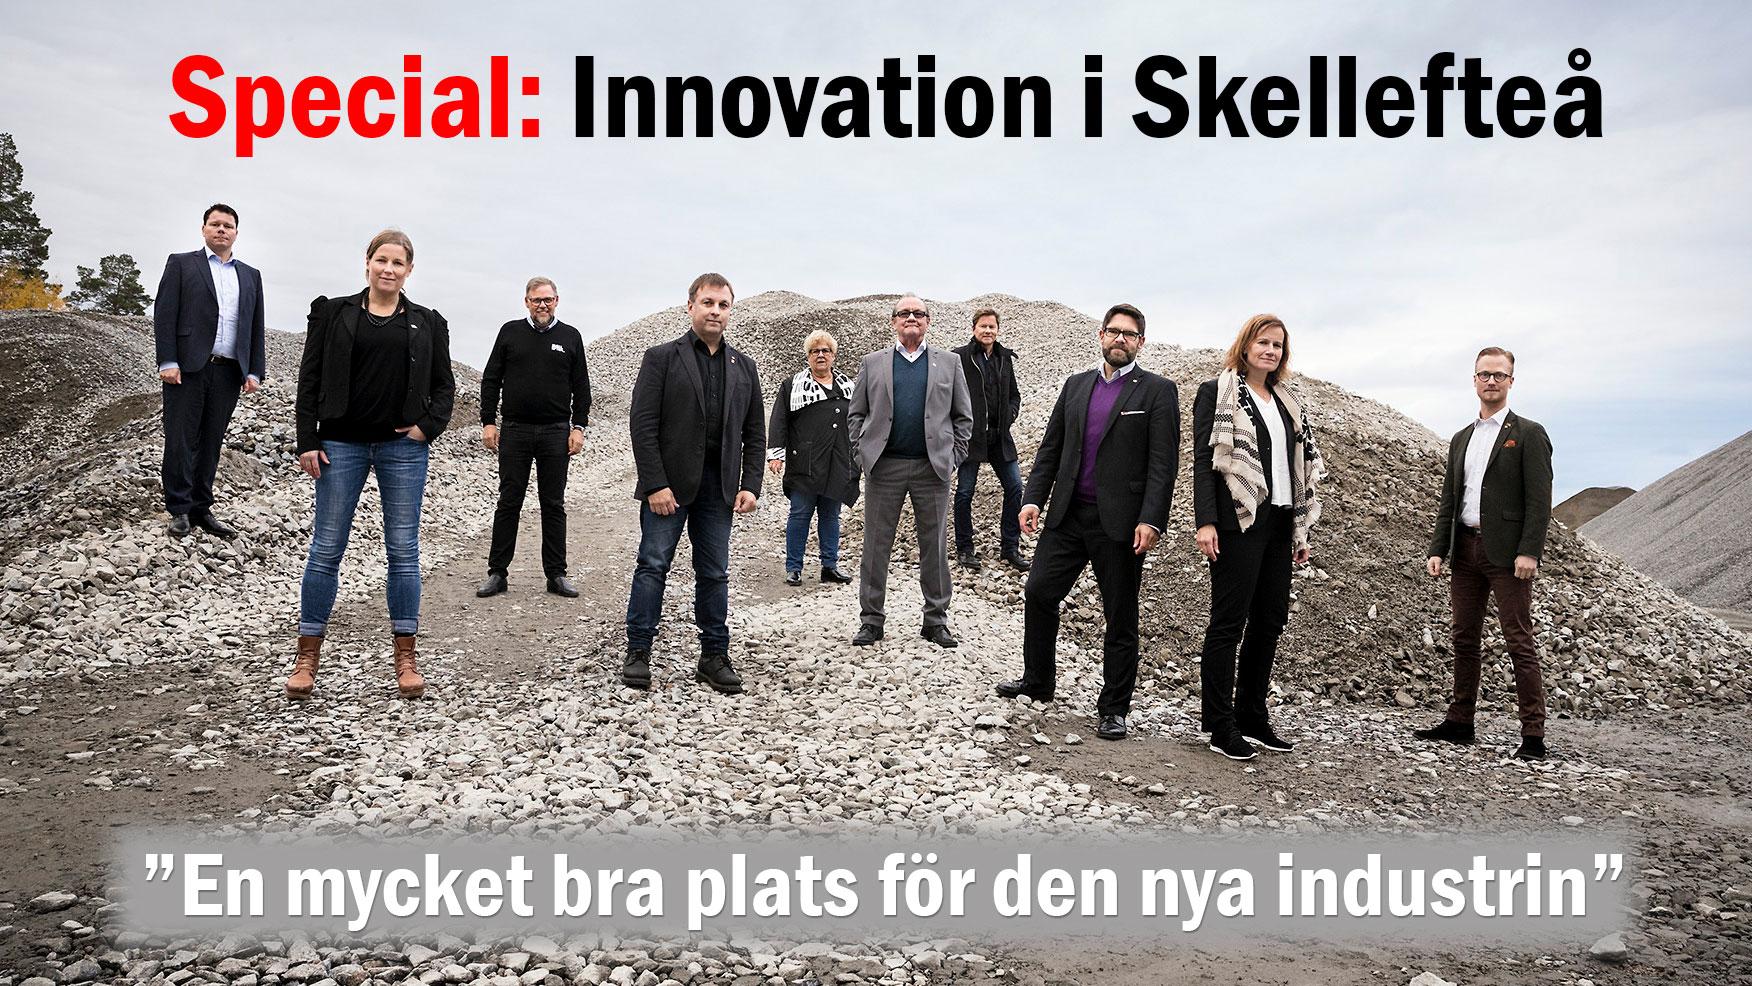 Innovation i Skellefteå